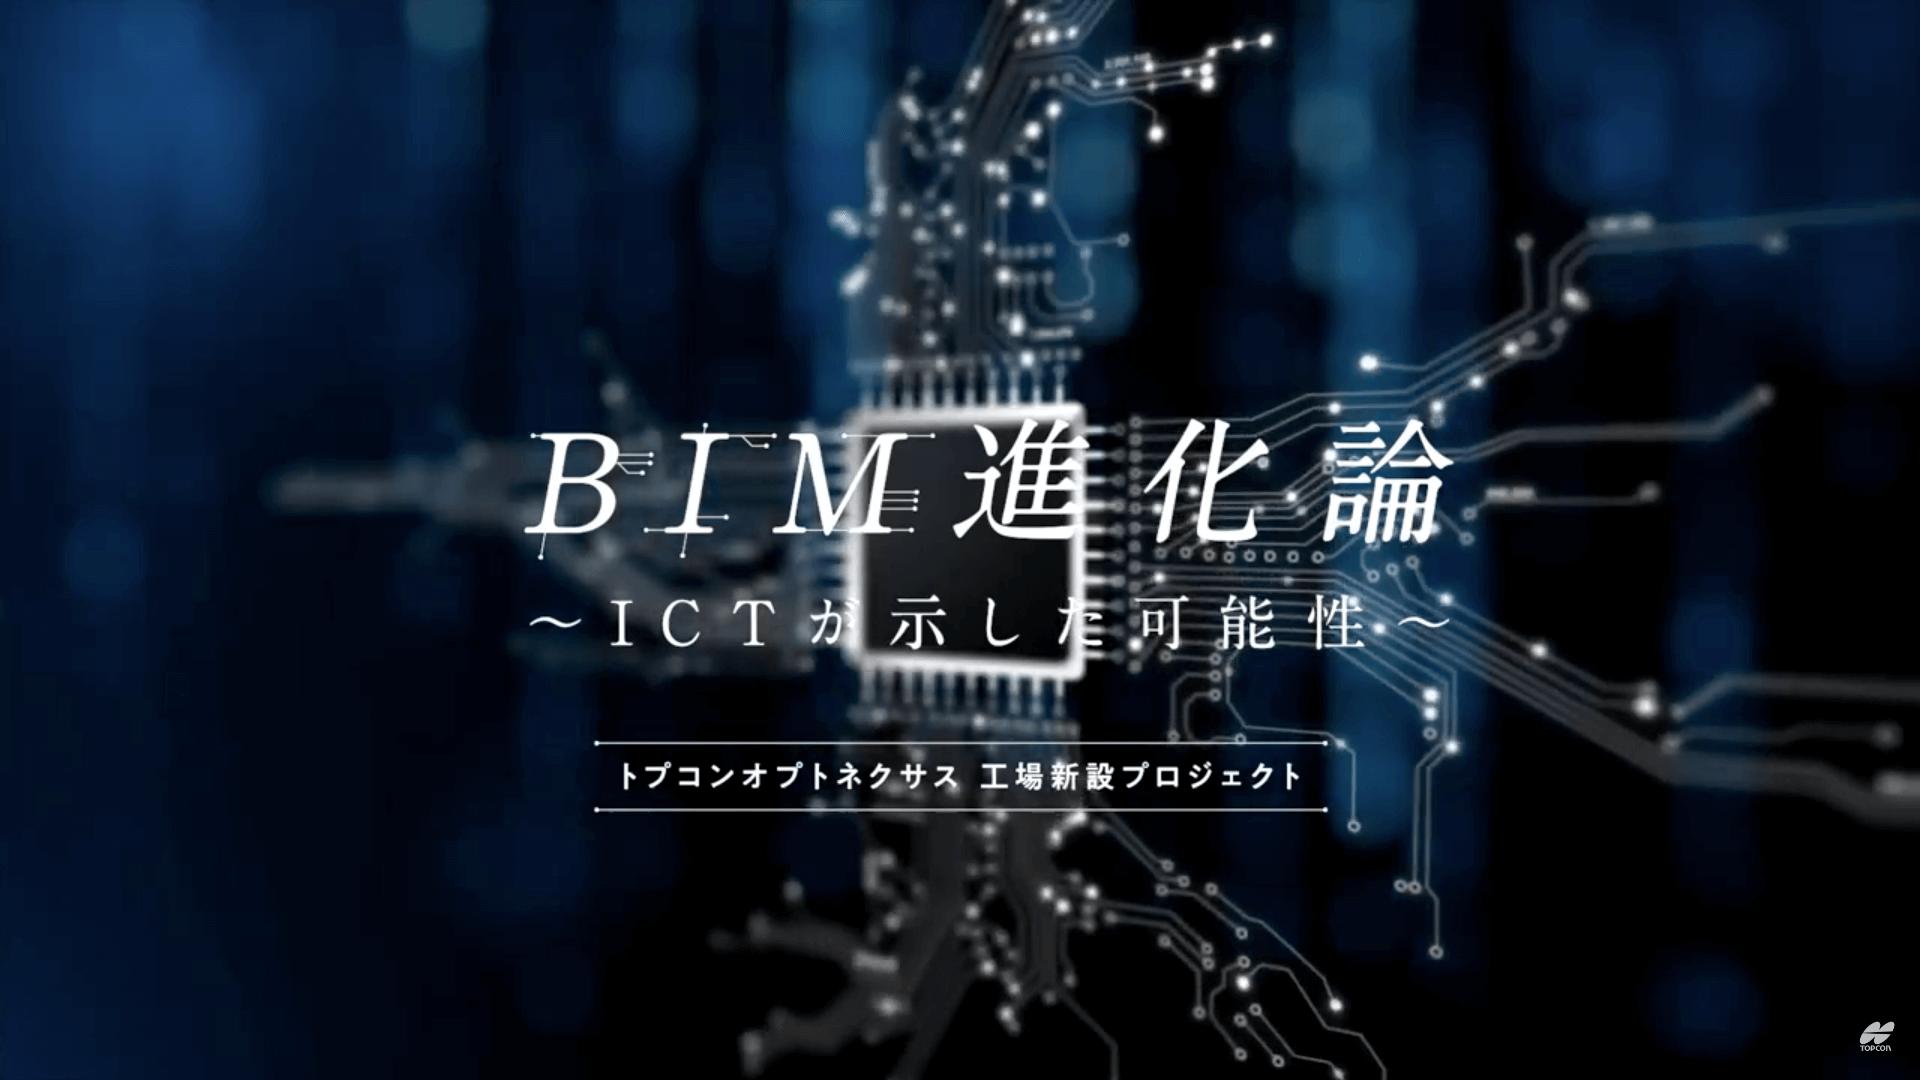 事例紹介ビデオ:トプコン 建設現場のデジタルコンストラクション事例(BIMデータ × ICT測量機 × ICT建機)